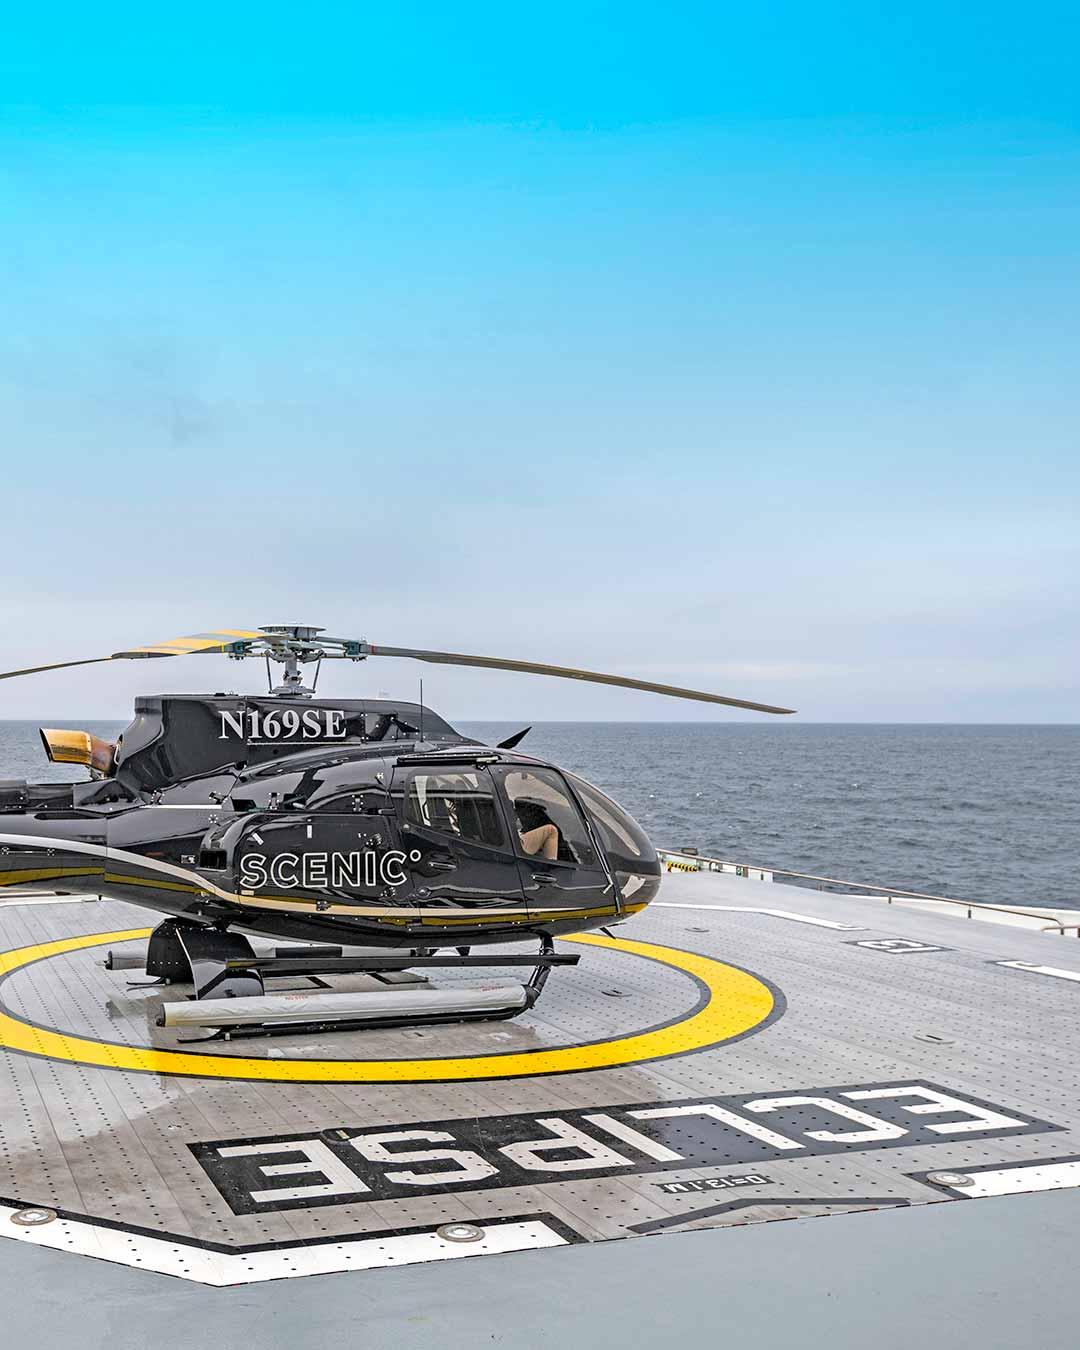 scenic-chopper-1080x1350